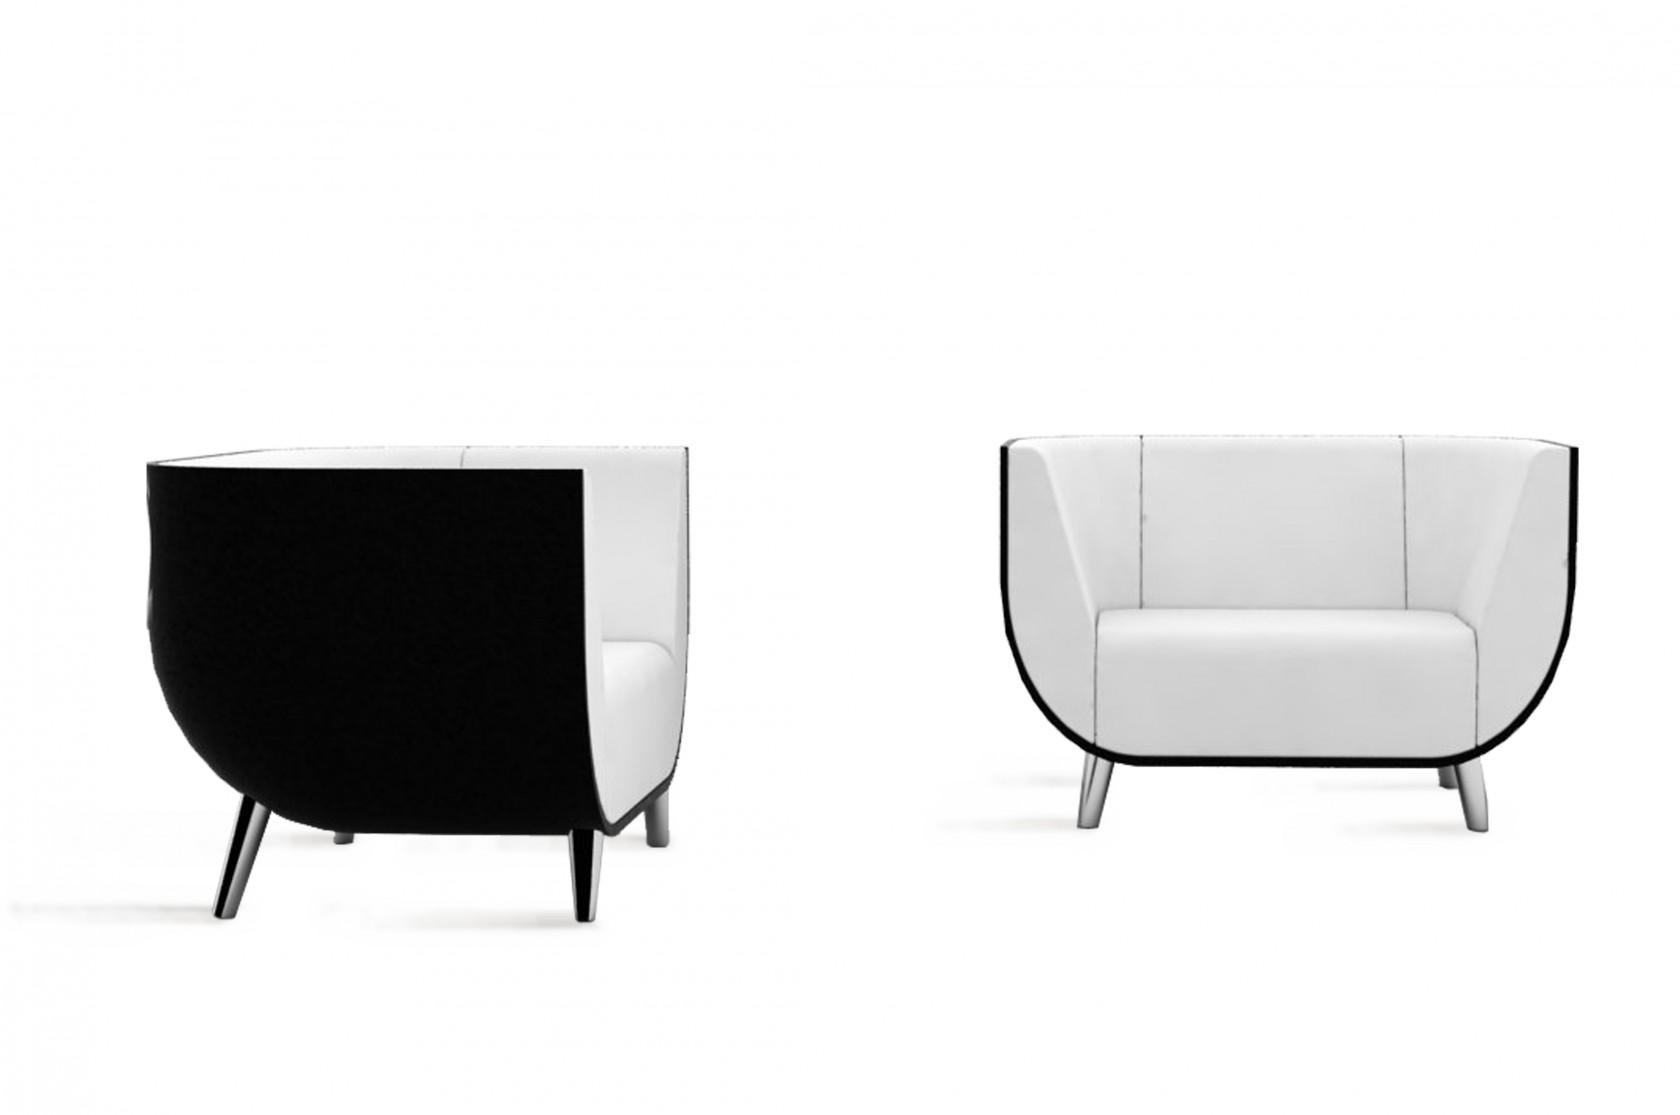 Fauteuil Createur fauteuil coco « ludovic avenel : ébéniste créateur paris